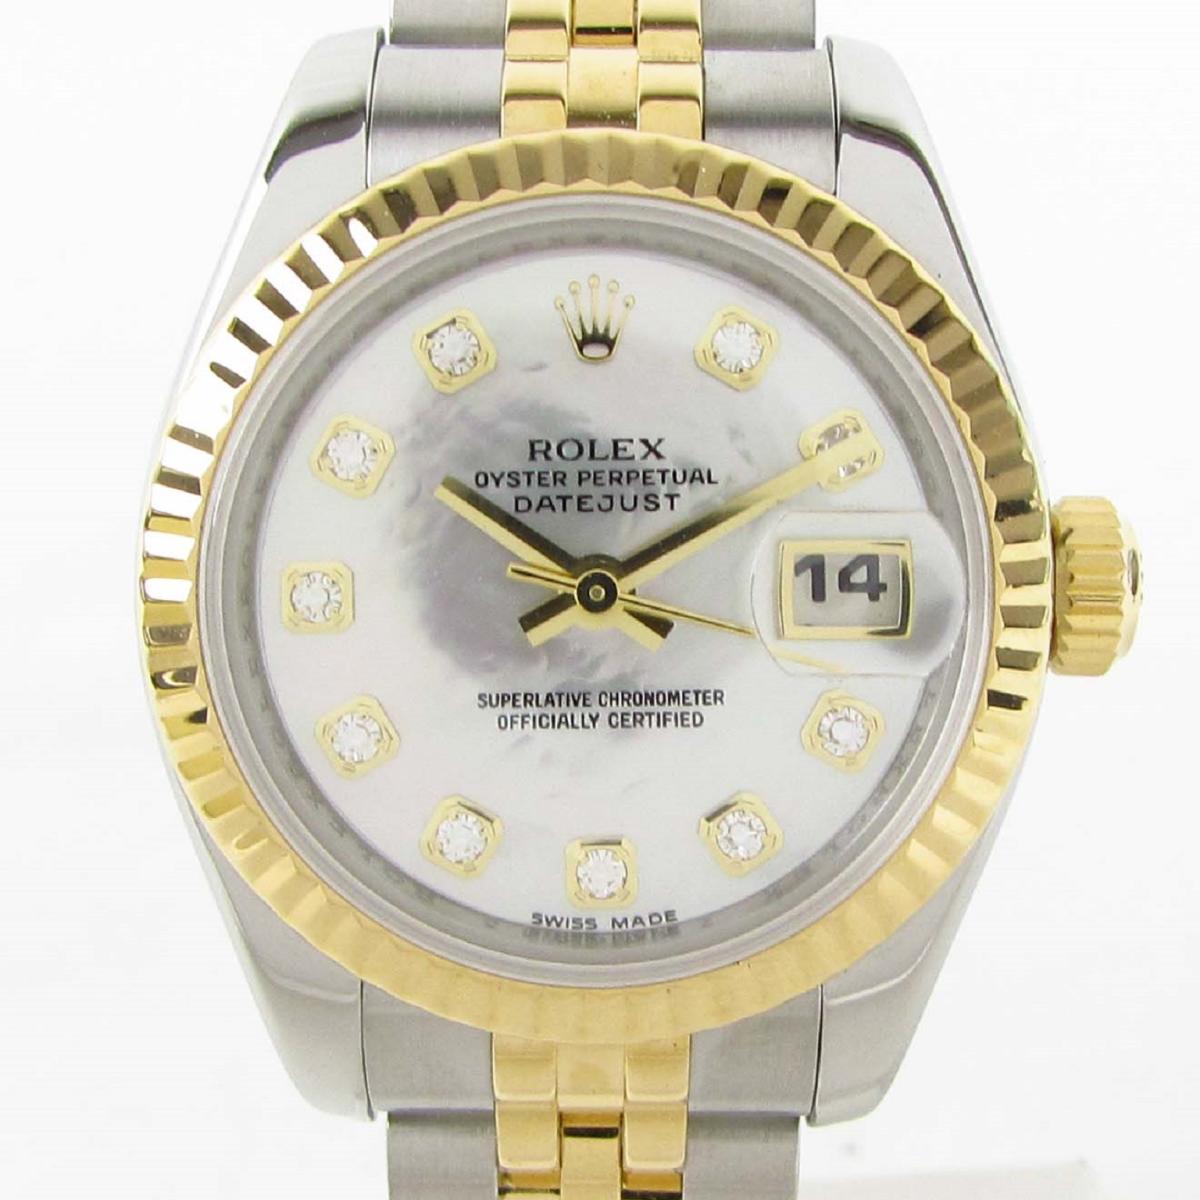 【中古】 ロレックス デイトジャスト 10Pダイヤ ウォッチ 腕時計 レディース K18YG (750)イエローゴールド x ステンレススチール (SS) (179173NG Z番) | ROLEX BRANDOFF ブランドオフ ブランド ブランド時計 ブランド腕時計 時計